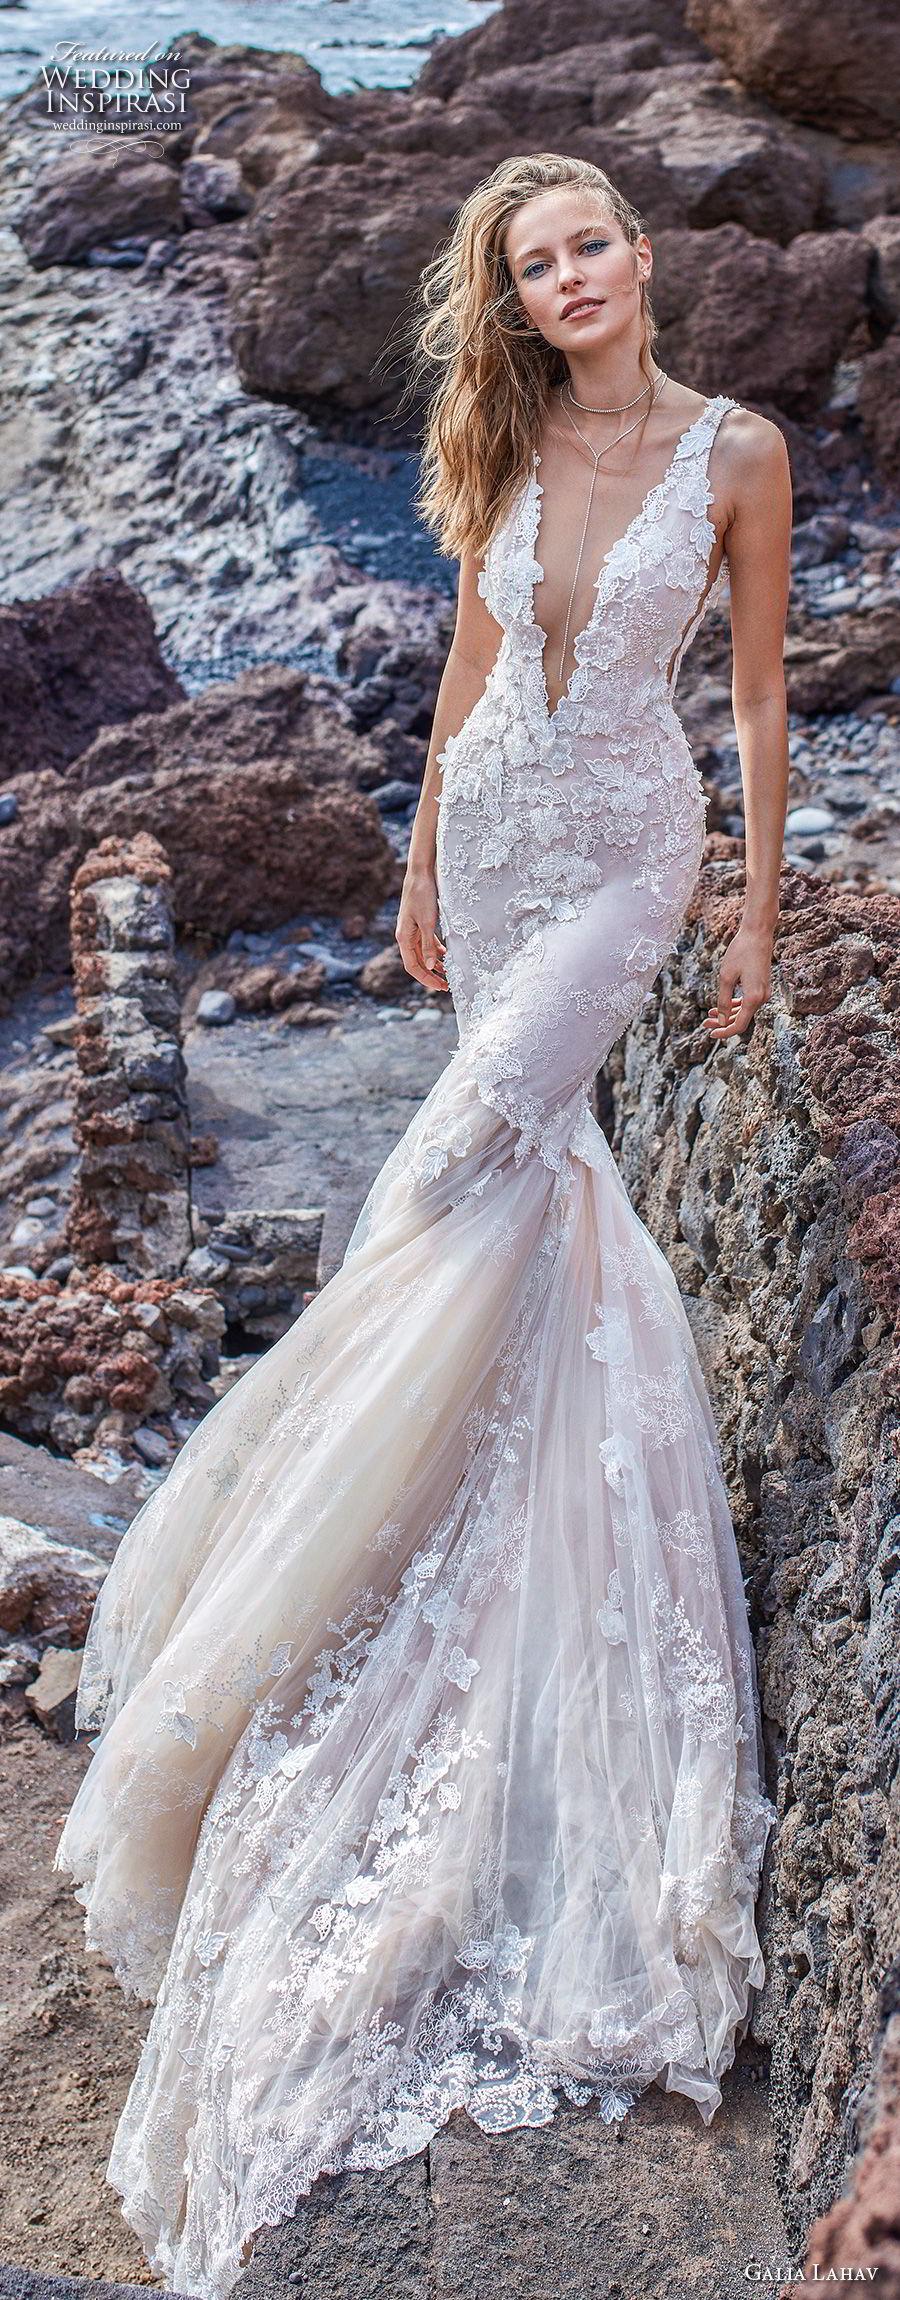 Gala by Galia Lahav No. 5 Wedding Dresses - crazyforus